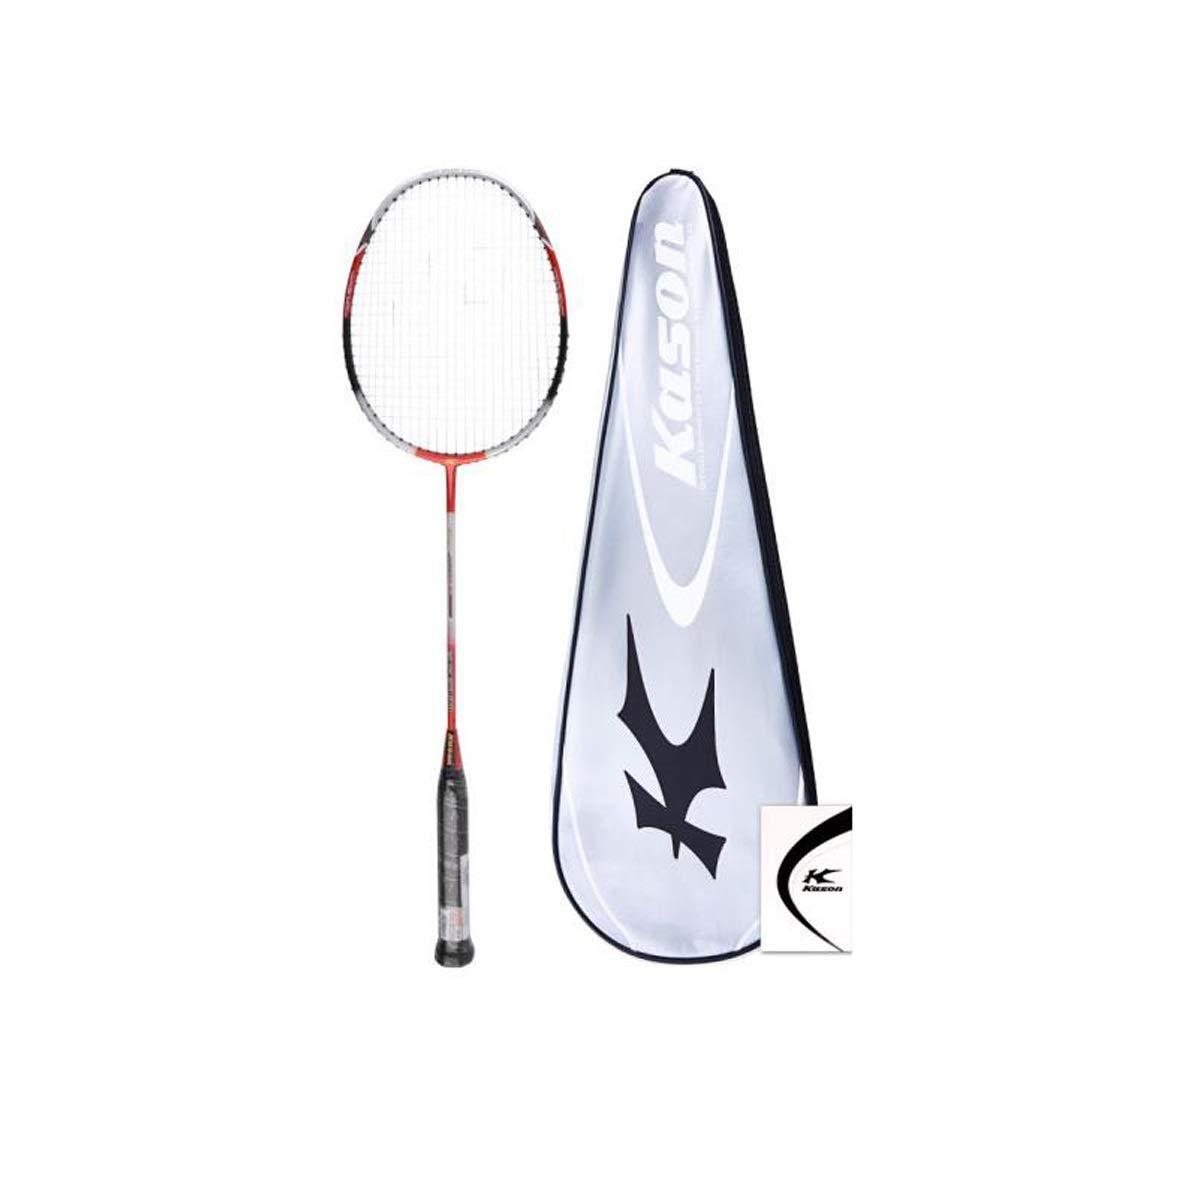 Tongboshi Badminton Racket, Speed Type Full Carbon Badminton, (Already Threaded), Red Silver, White, Blue Black, White Blue, White Black, Black Orange Badminton Racket, (Color : Black Orange)